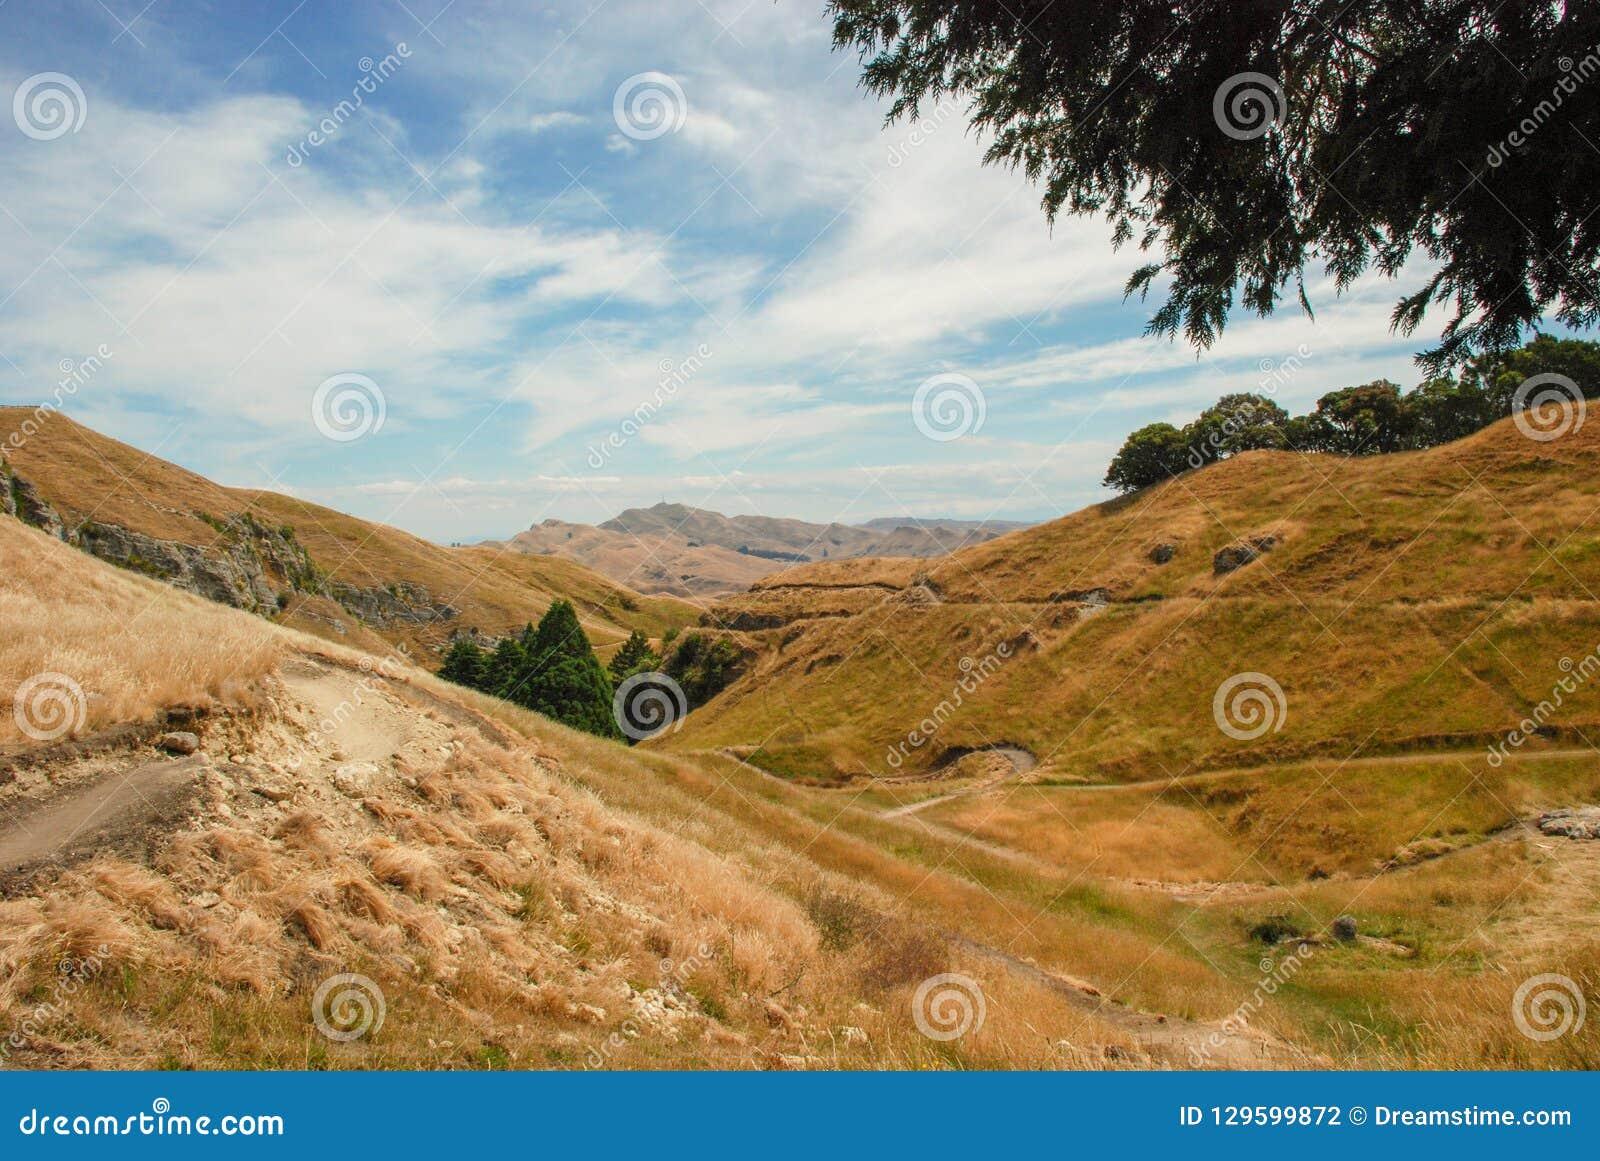 Collines herbeuses dans la baie de Hawkes, Nouvelle-Zélande Collines jaunes d herbe avec des montagnes à l arrière-plan, près des